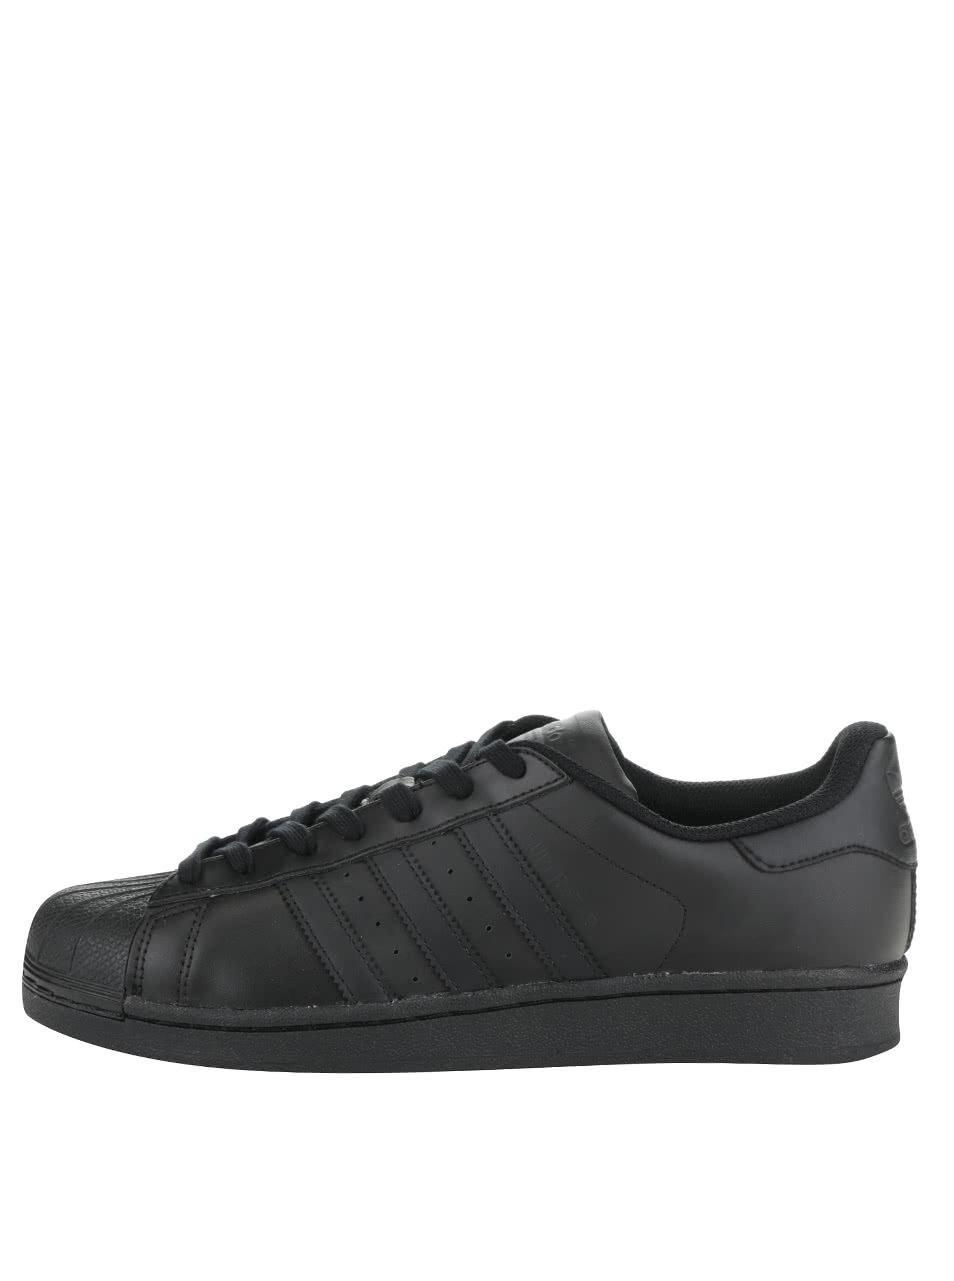 Čierne pánske kožené tenisky adidas Originals Superstar ... 92eebbb263b